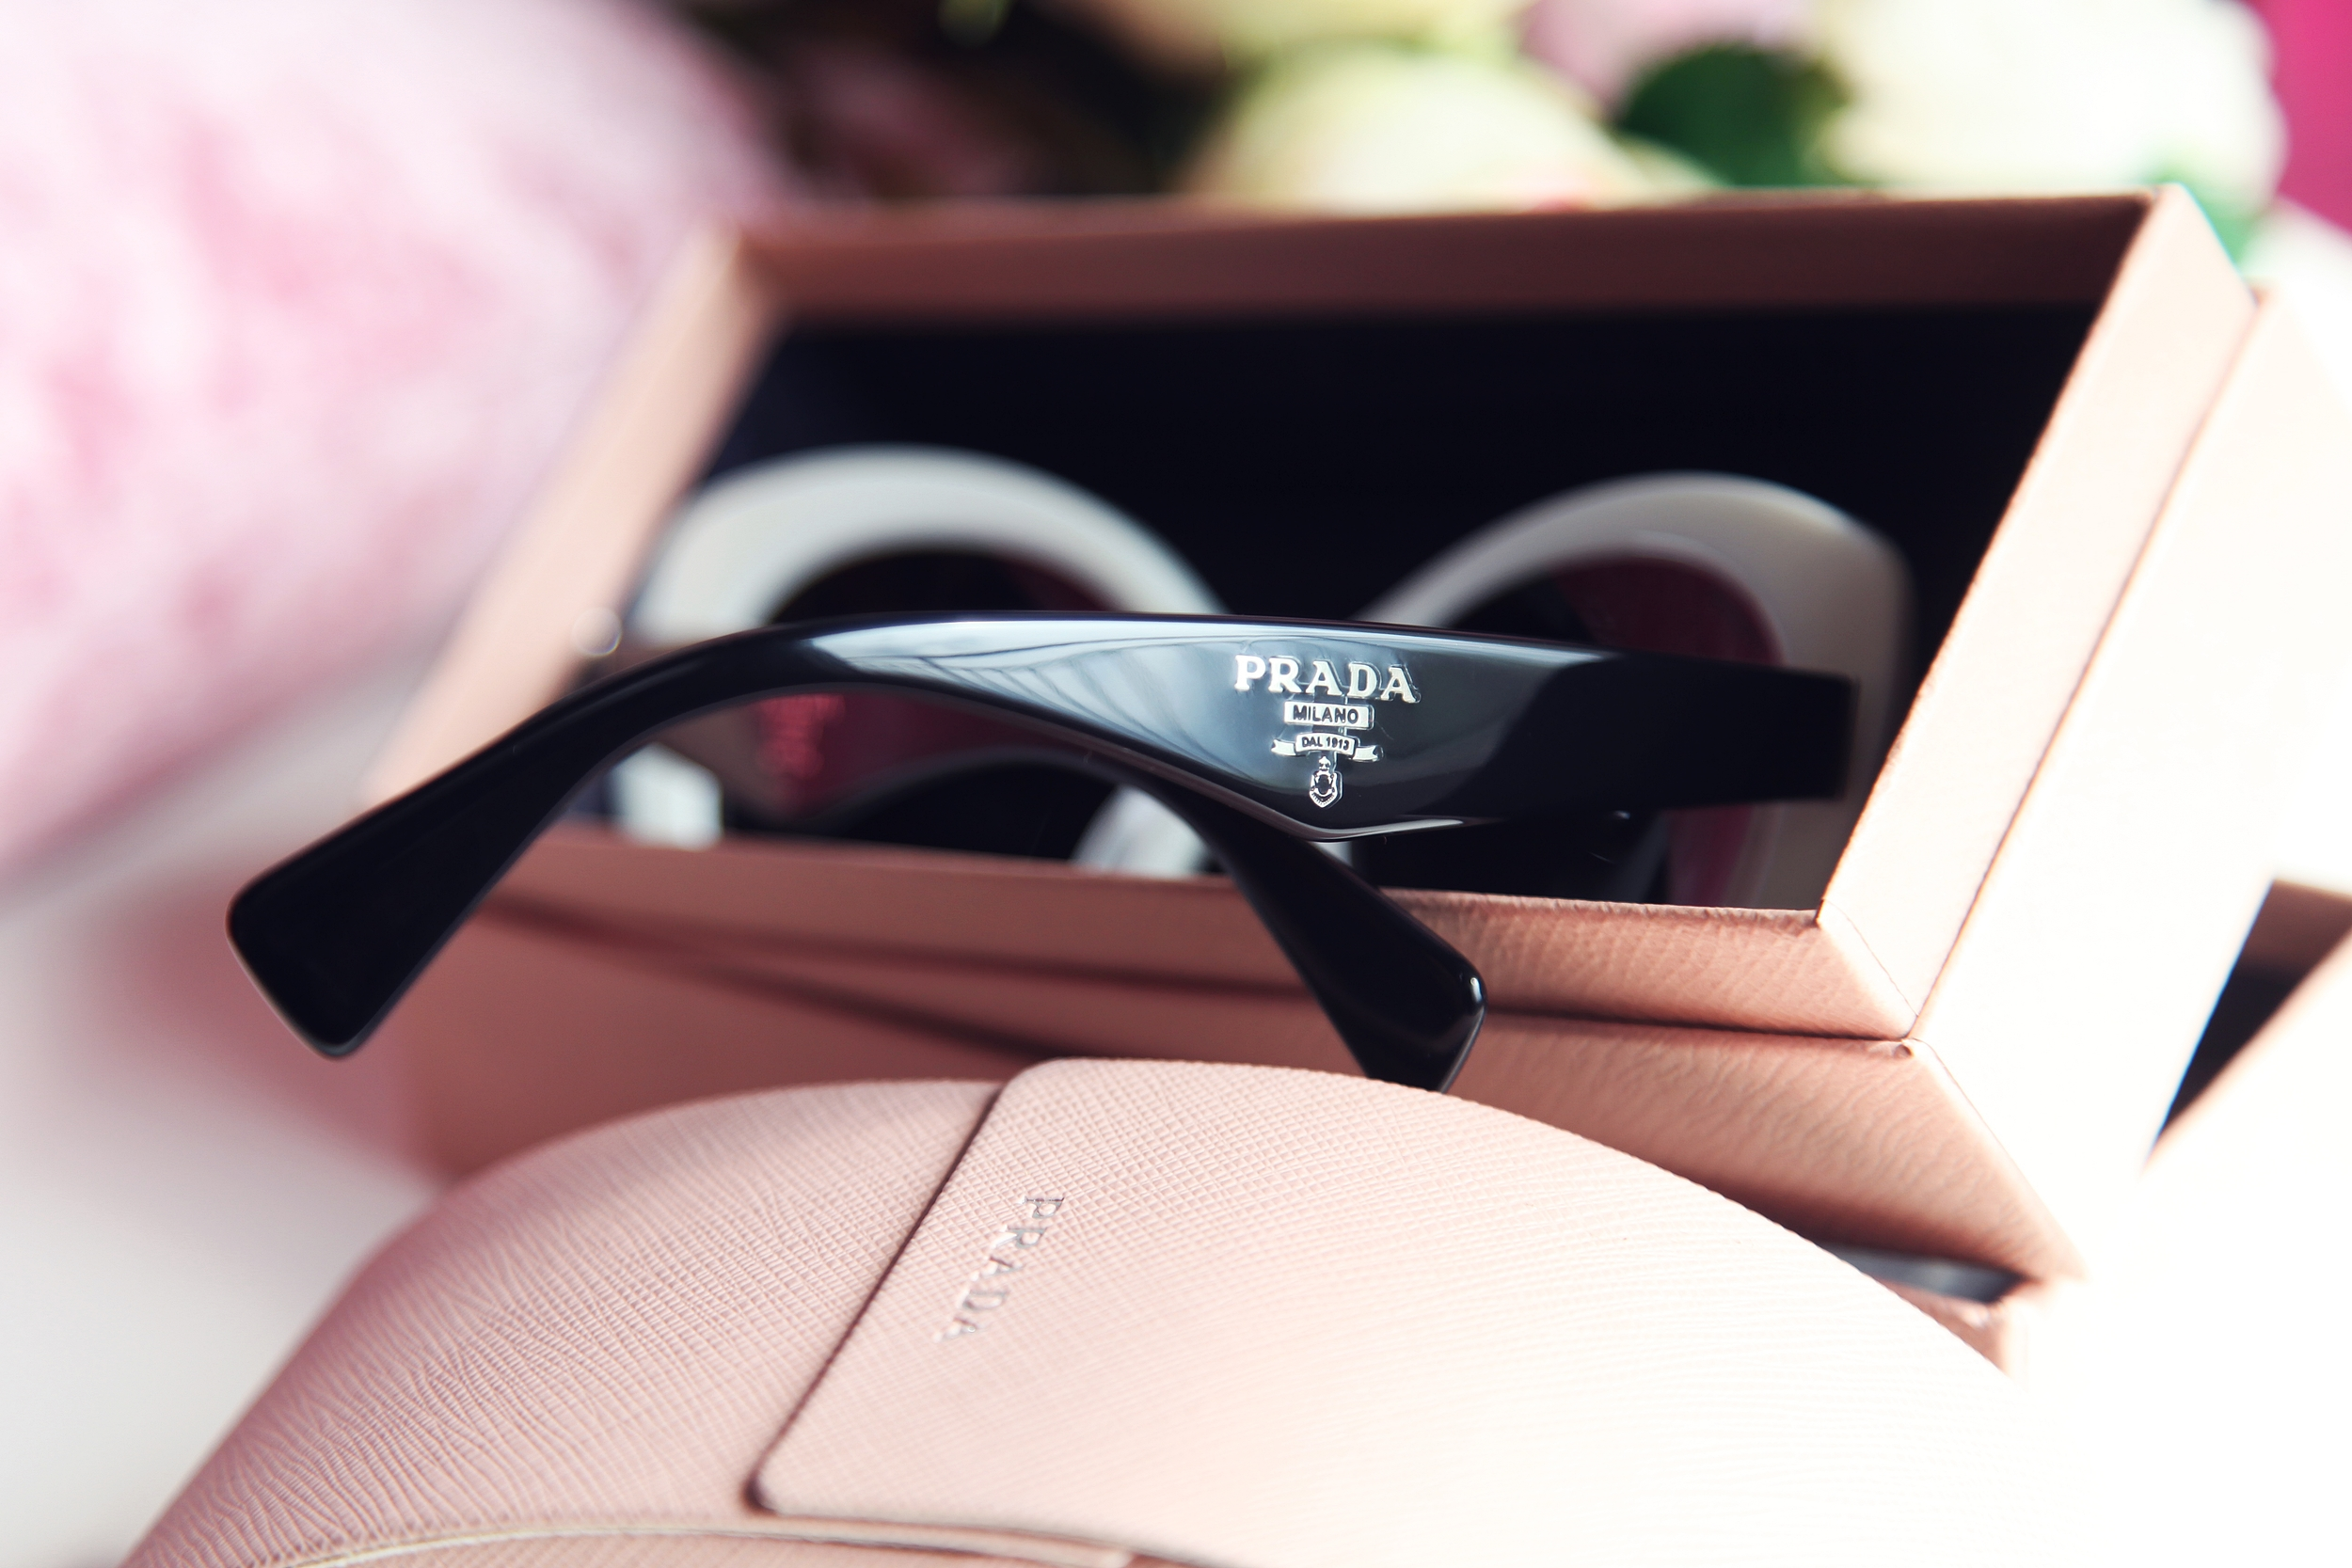 Prada White Sunglasses - Dyrogue